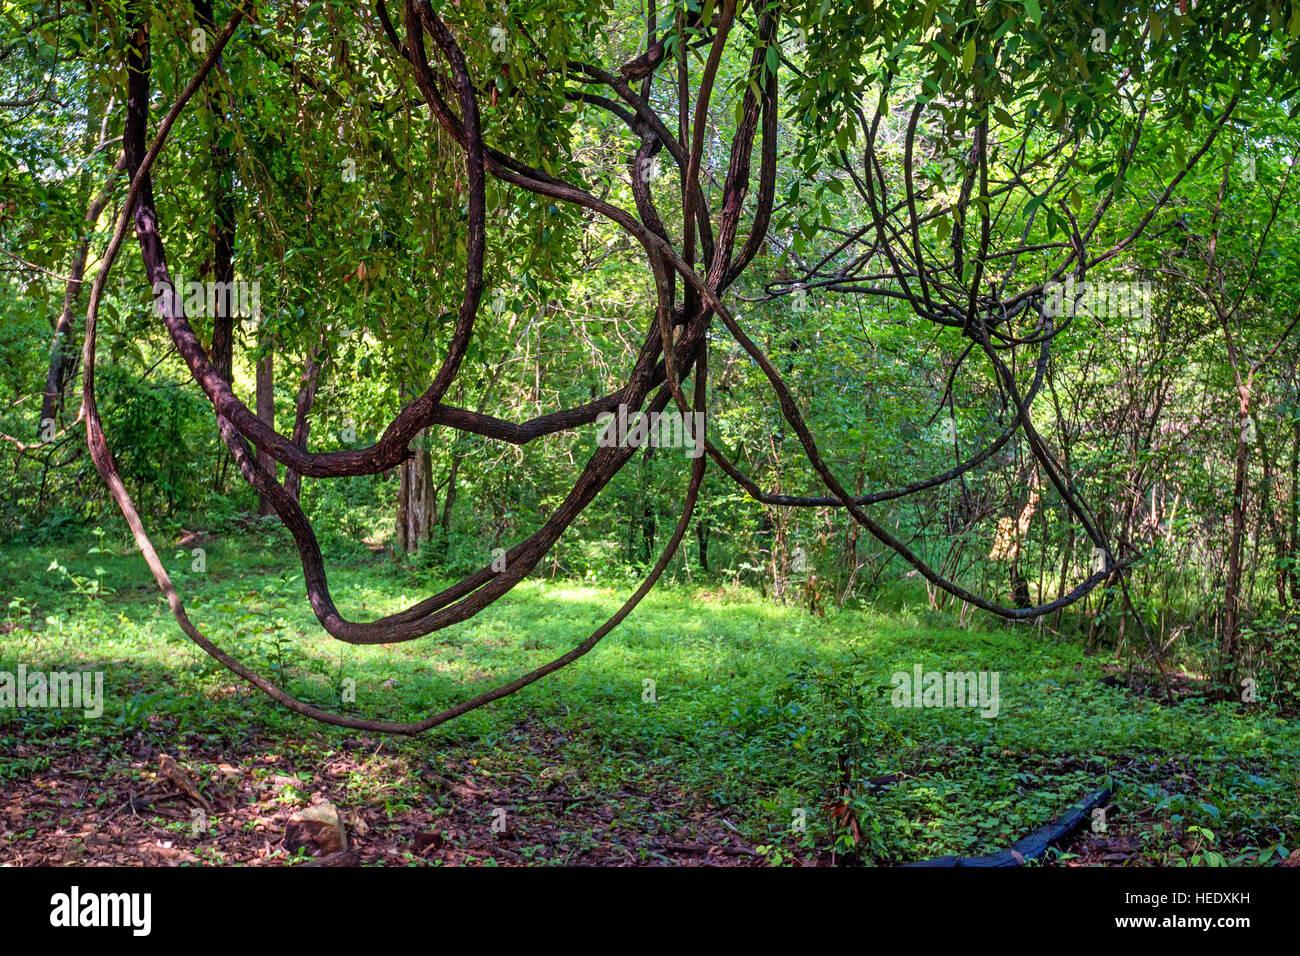 Lianas in jungle - Stock Image